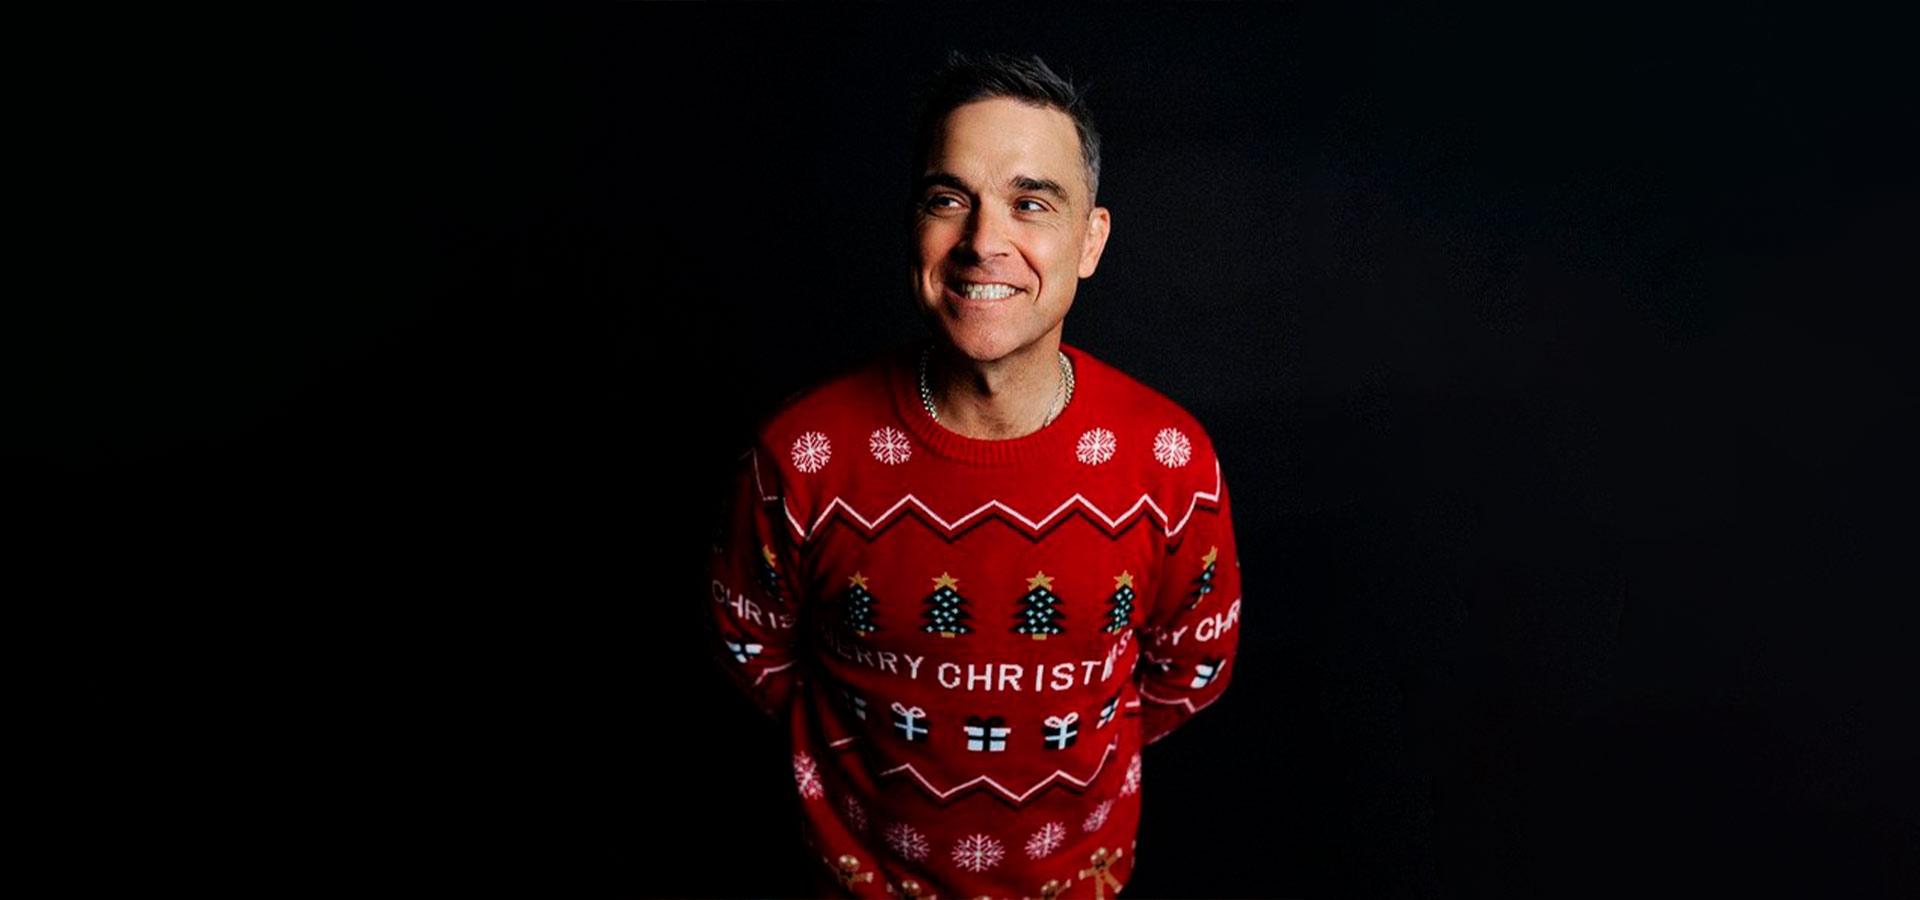 Робби Уильямс выпустил дерзкую песню «Can't Stop Christmas»